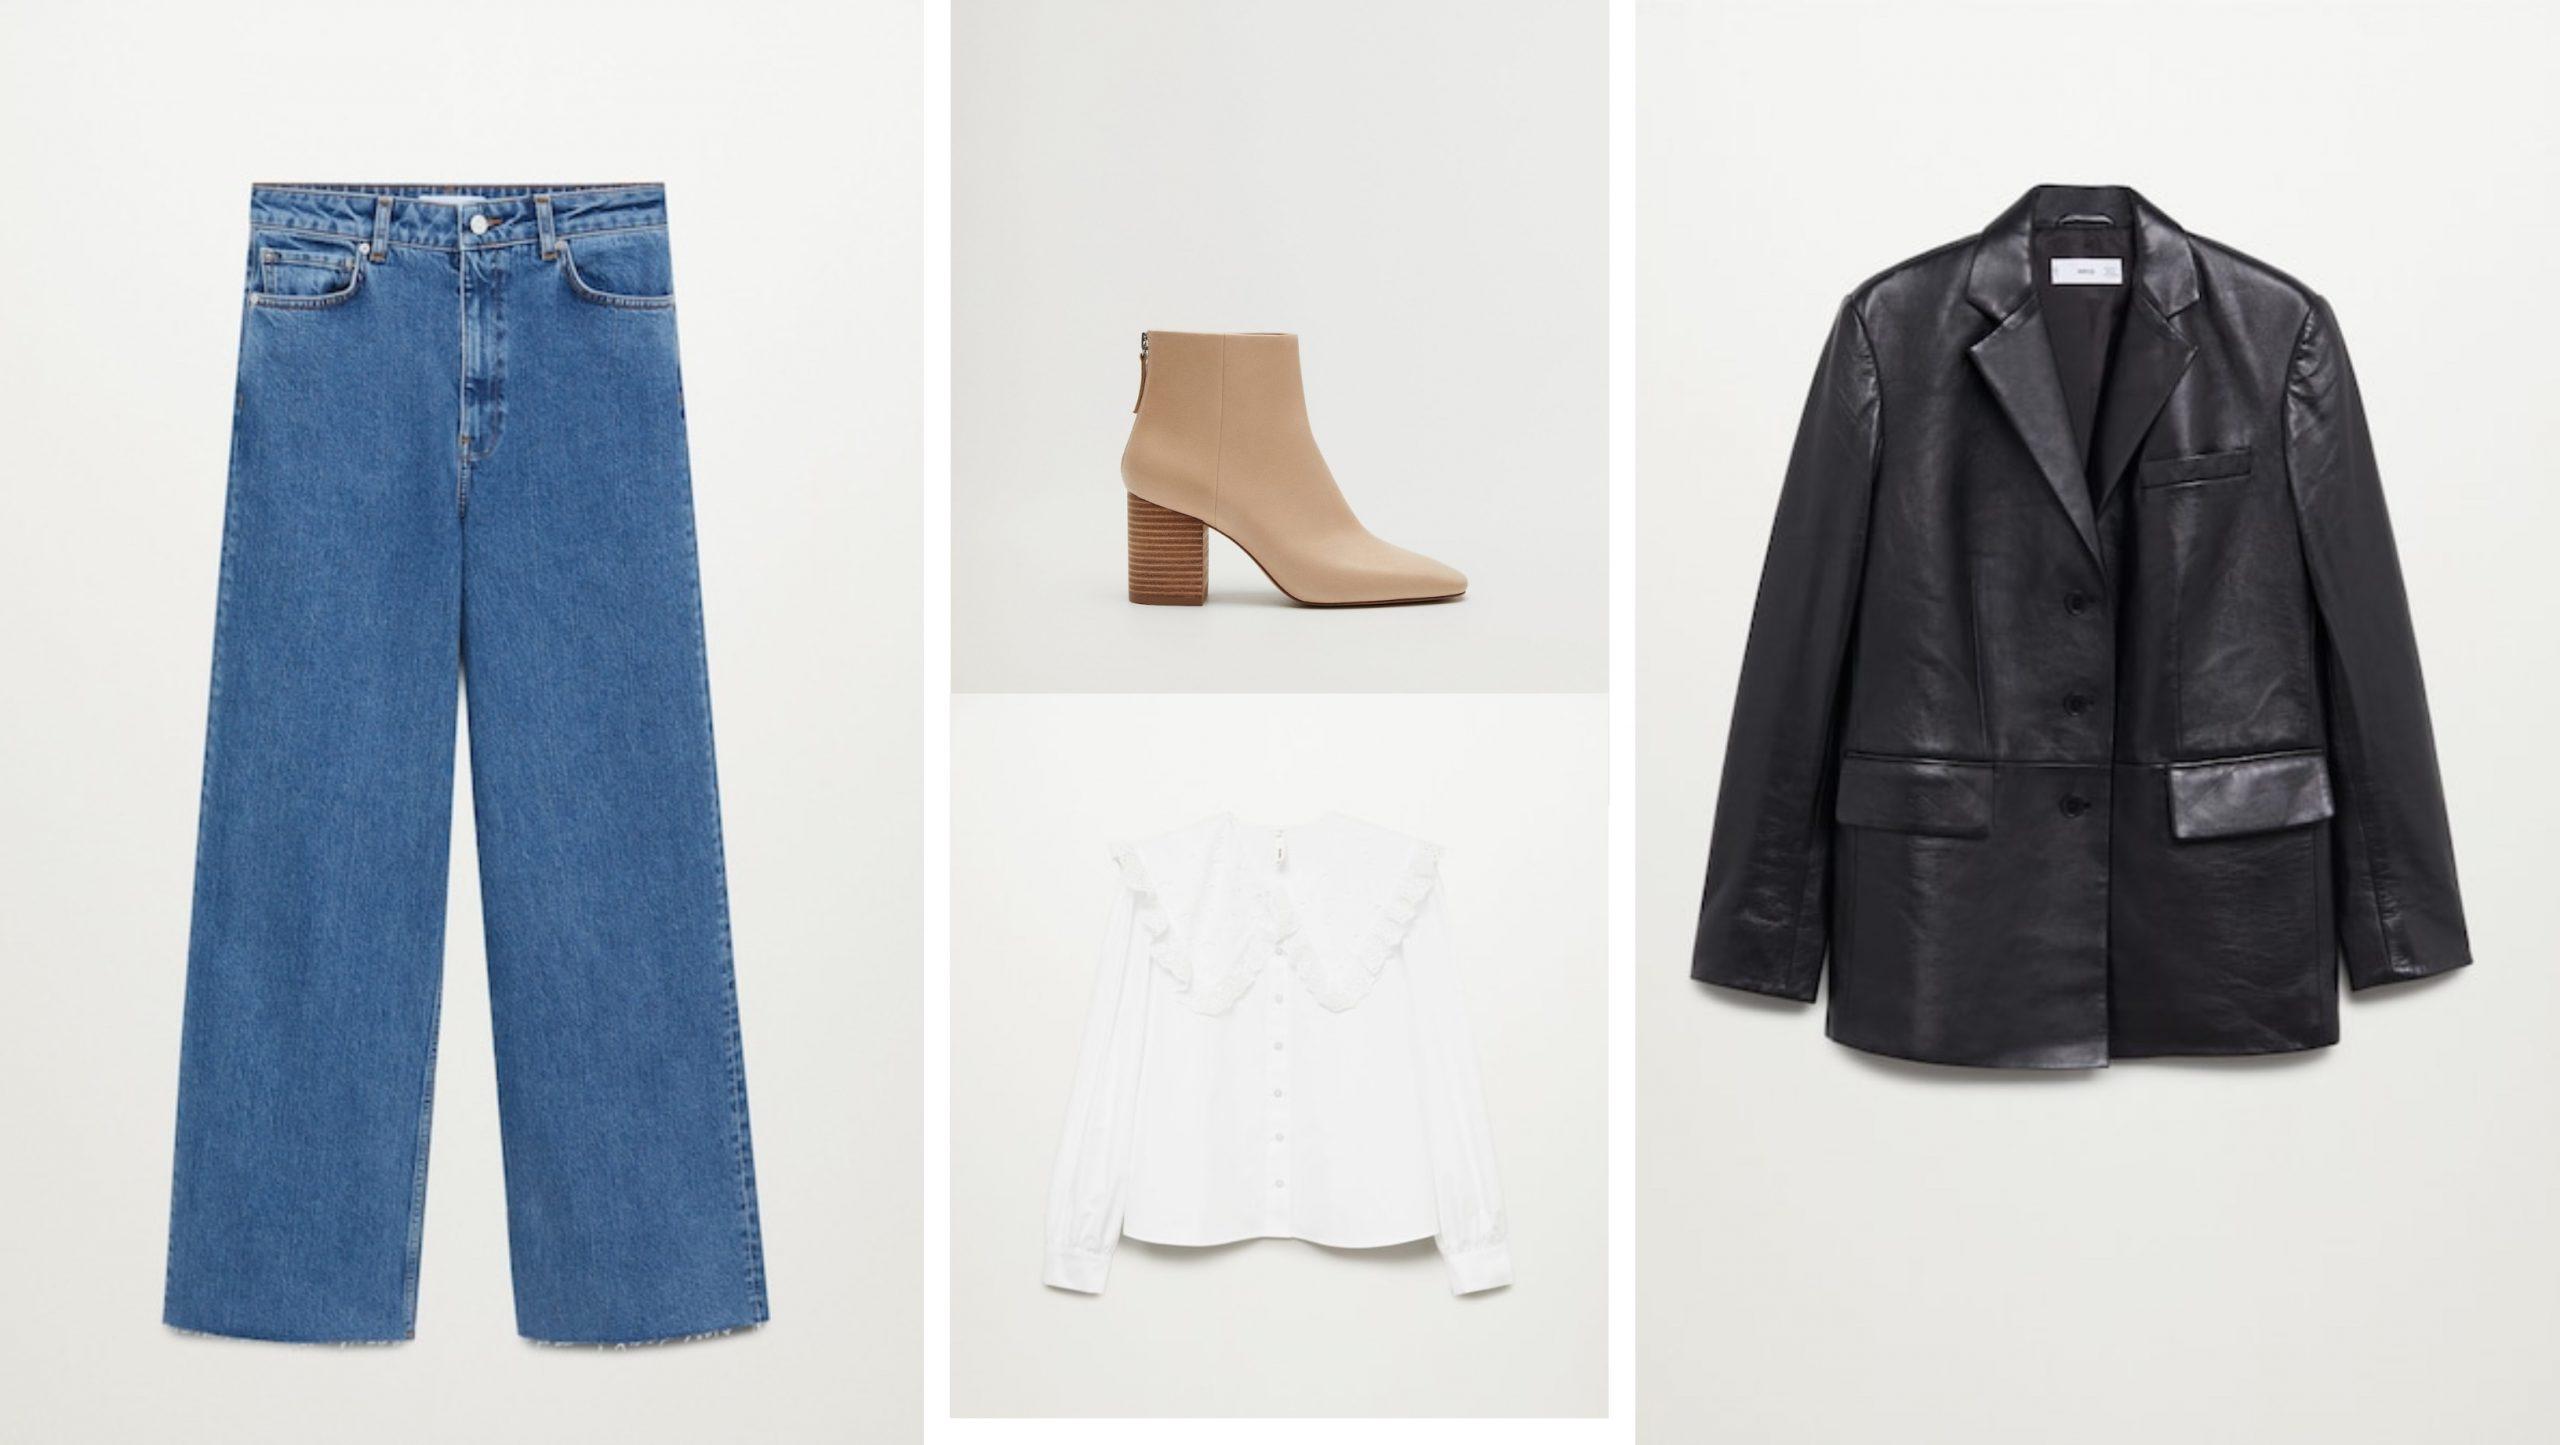 Conjunto de Mango formado por unos pantalones rectos vaqueros de tiro alto, botines de cuero color tierra, camisa blanca con volantes y americana de cuero negra.